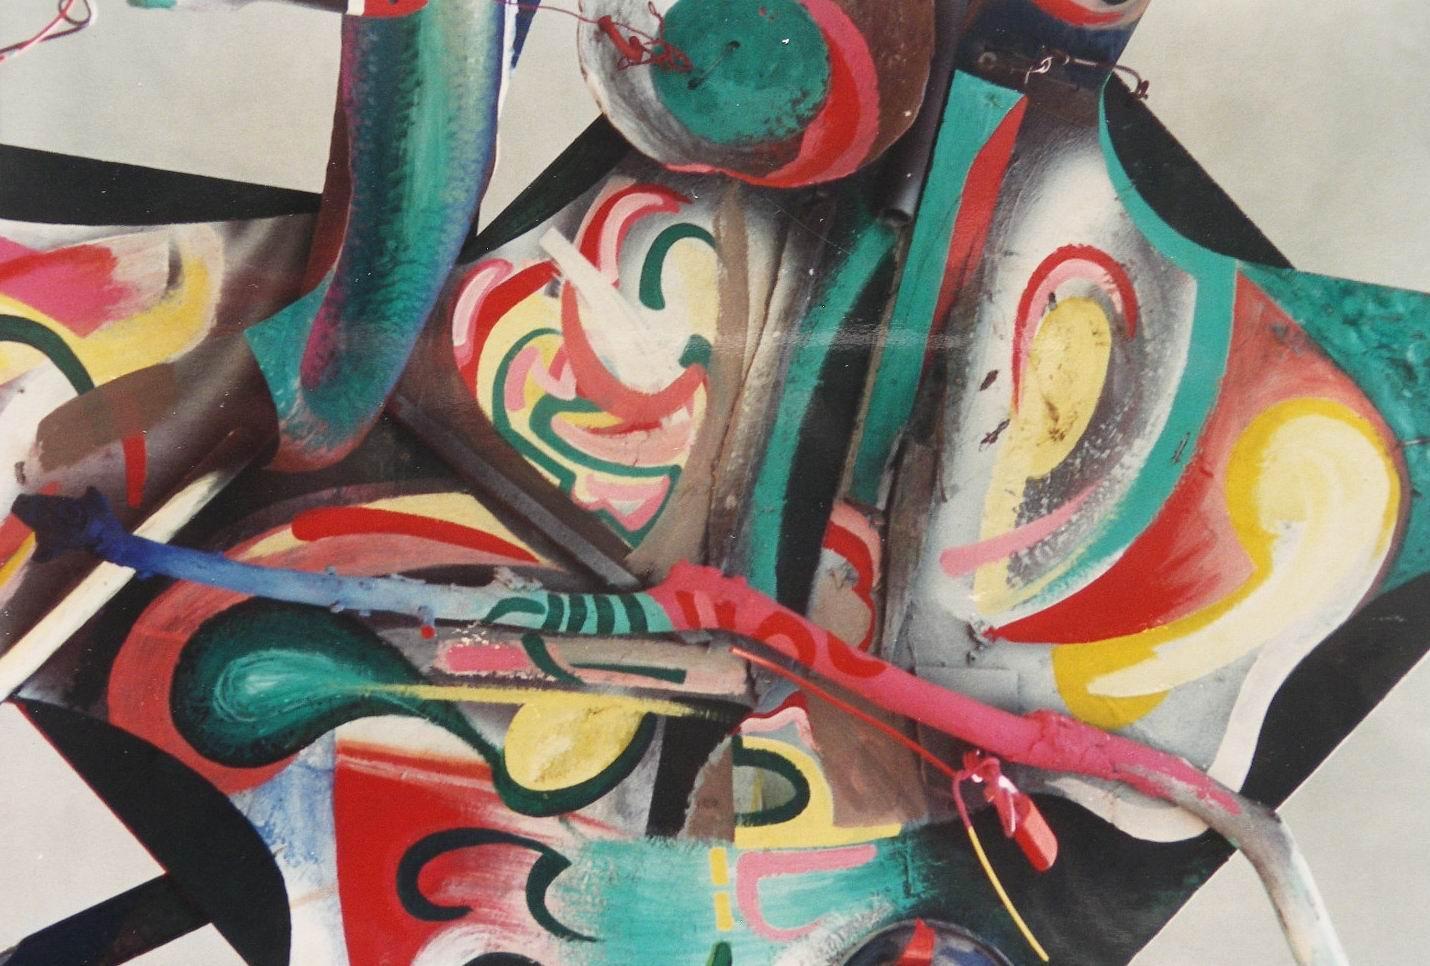 1988-1b-mulino-a-vento-sonoro-managua-nicaragua